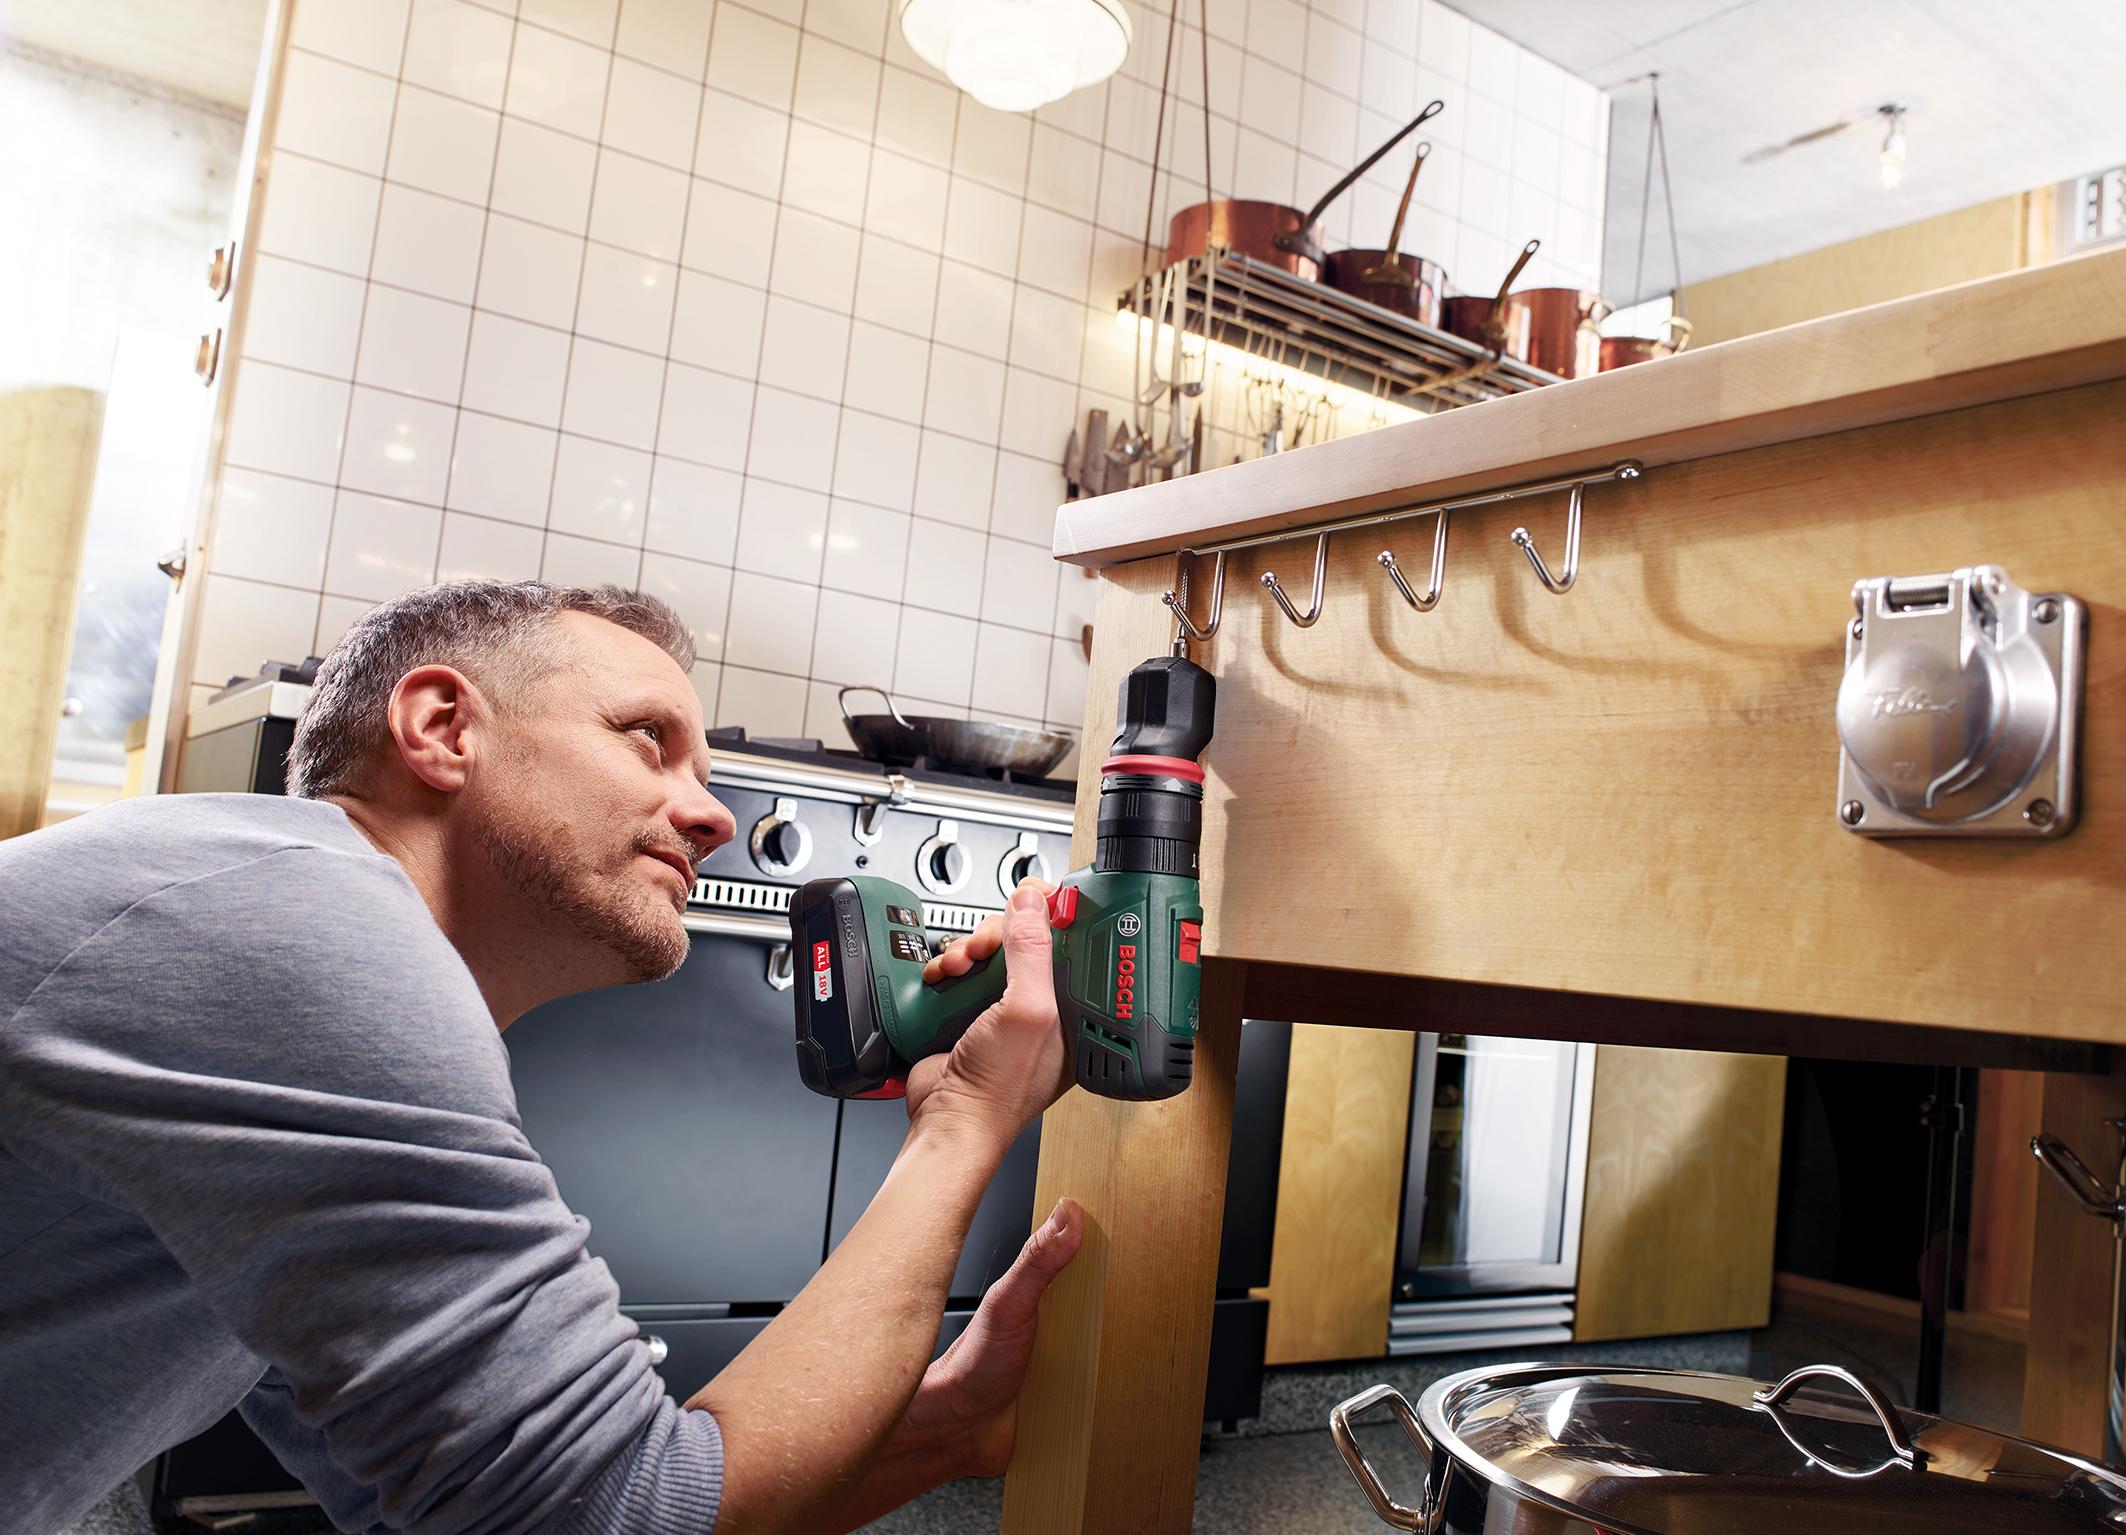 Akku-Schlagbohrschrauber-System für Heimwerker: AdvancedImpact 18 QuickSnap von Bosch mit Exzenteraufsatz